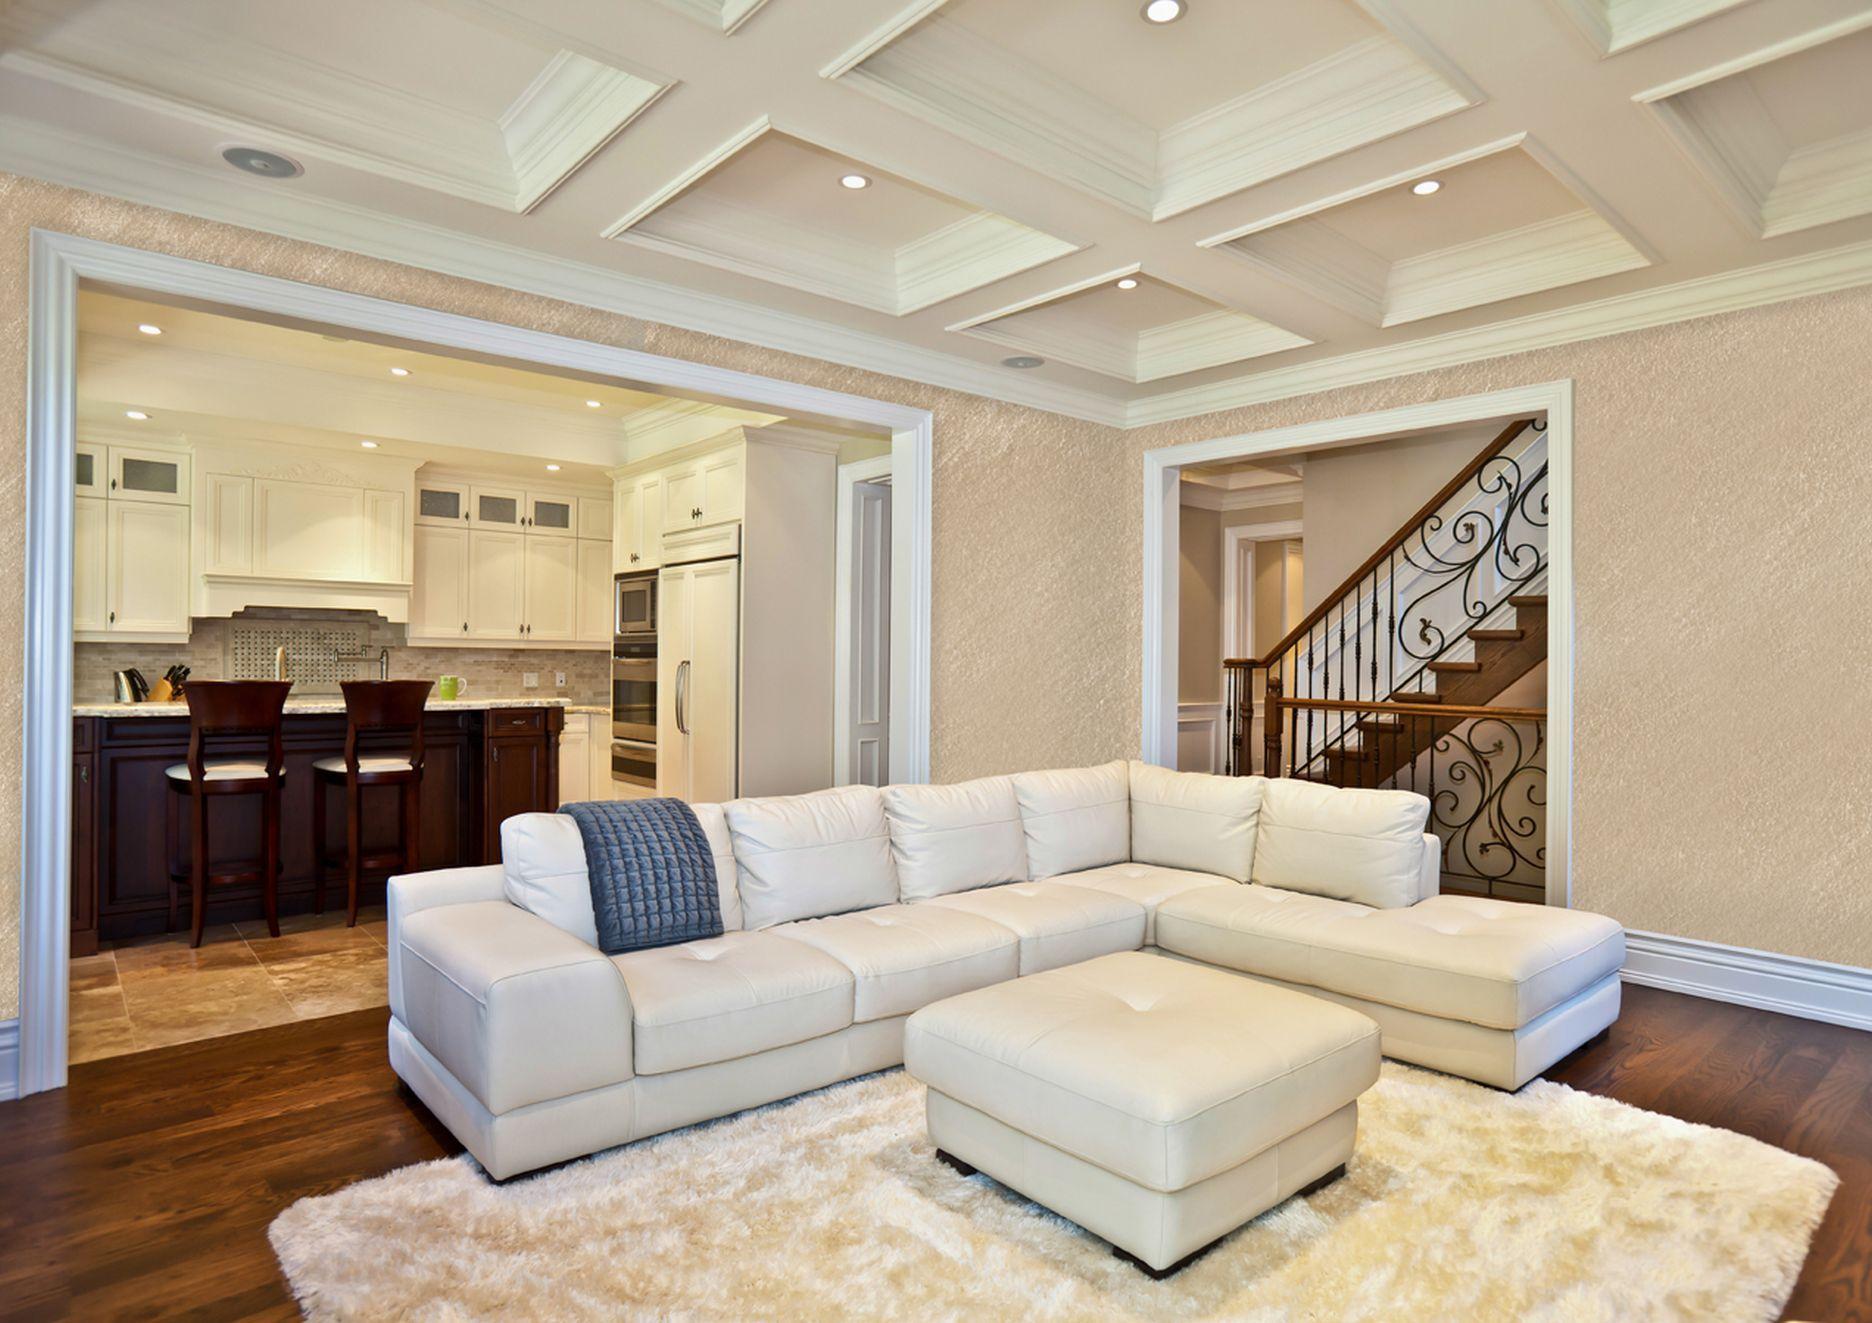 потолок из гипсокартона в частном доме